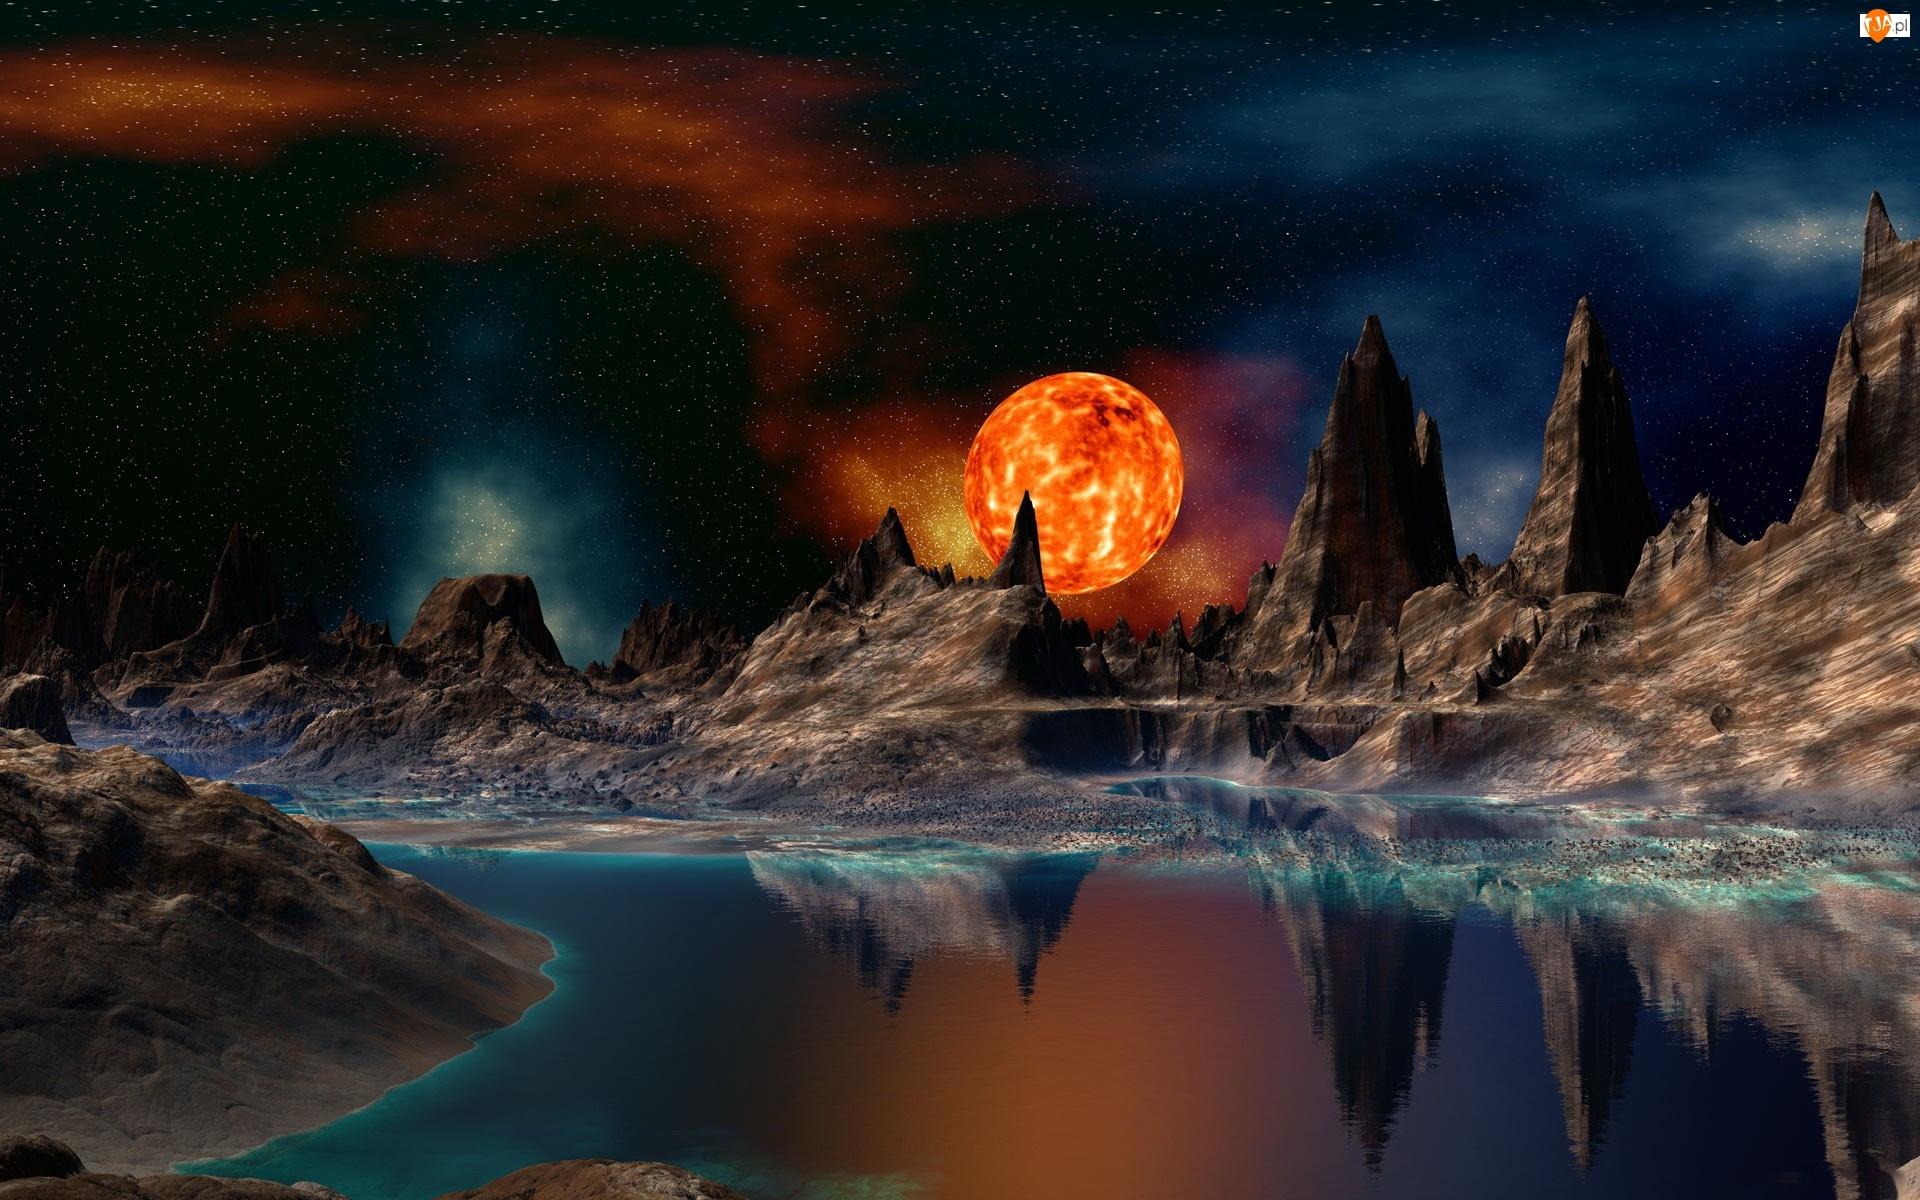 Woda, Fantasy, Gwiazdy, Słońce, Góry